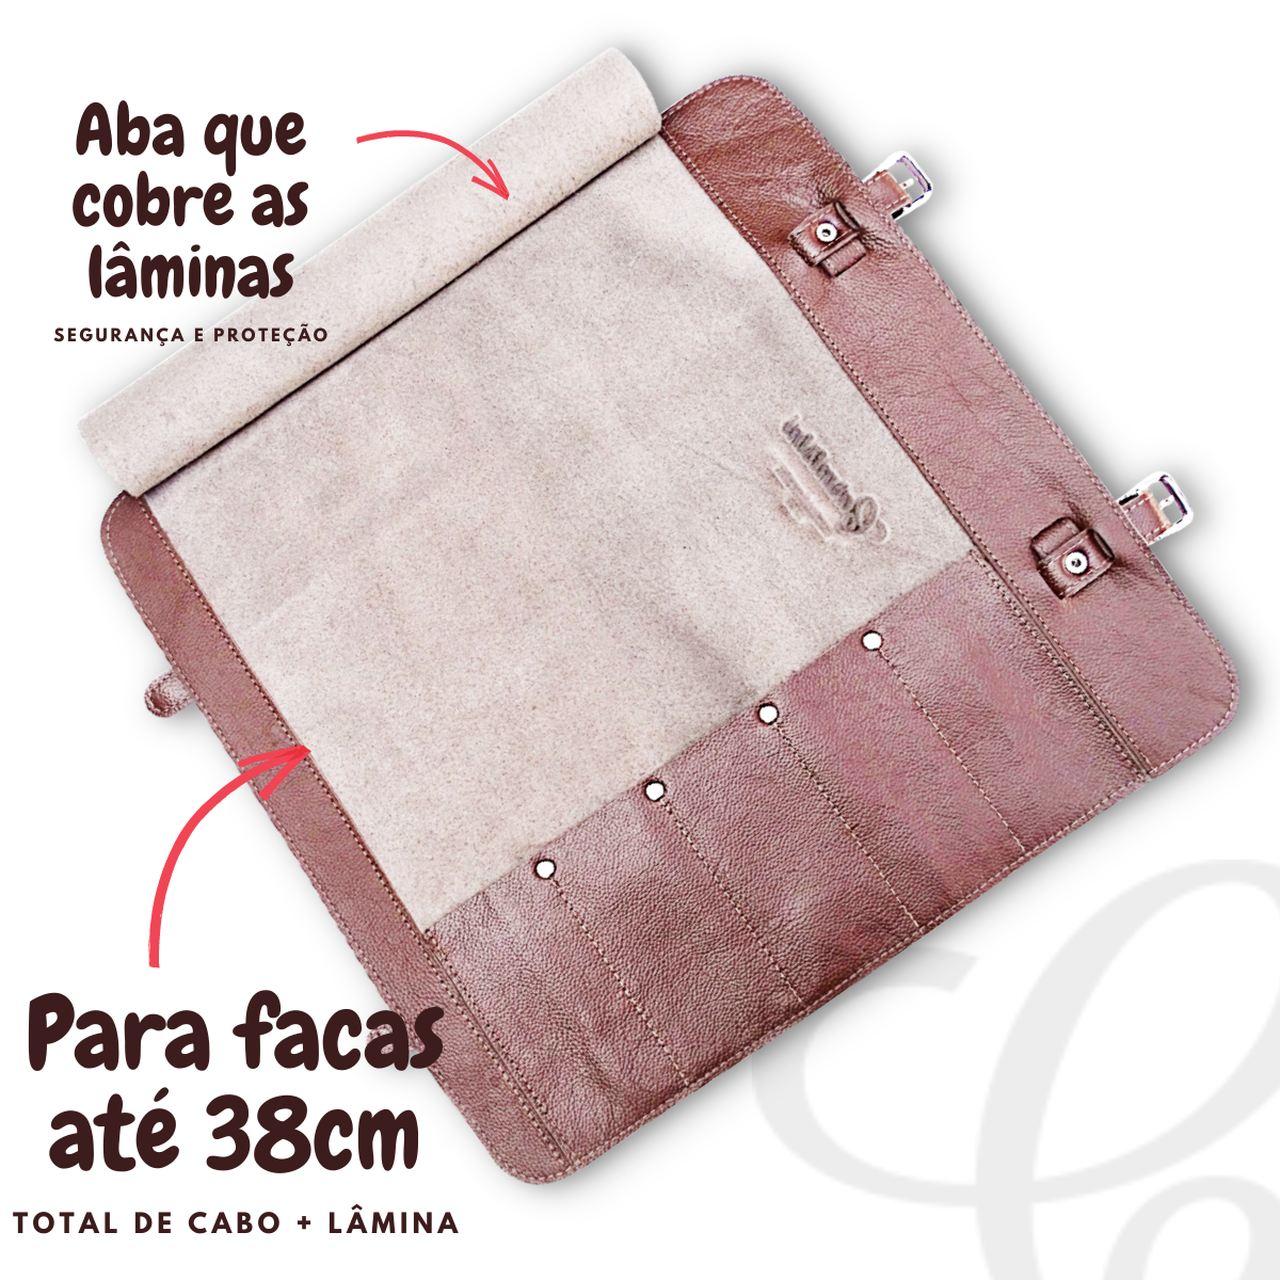 Kit Avental Cozinha Churrasqueiro + Estojo Para Facas